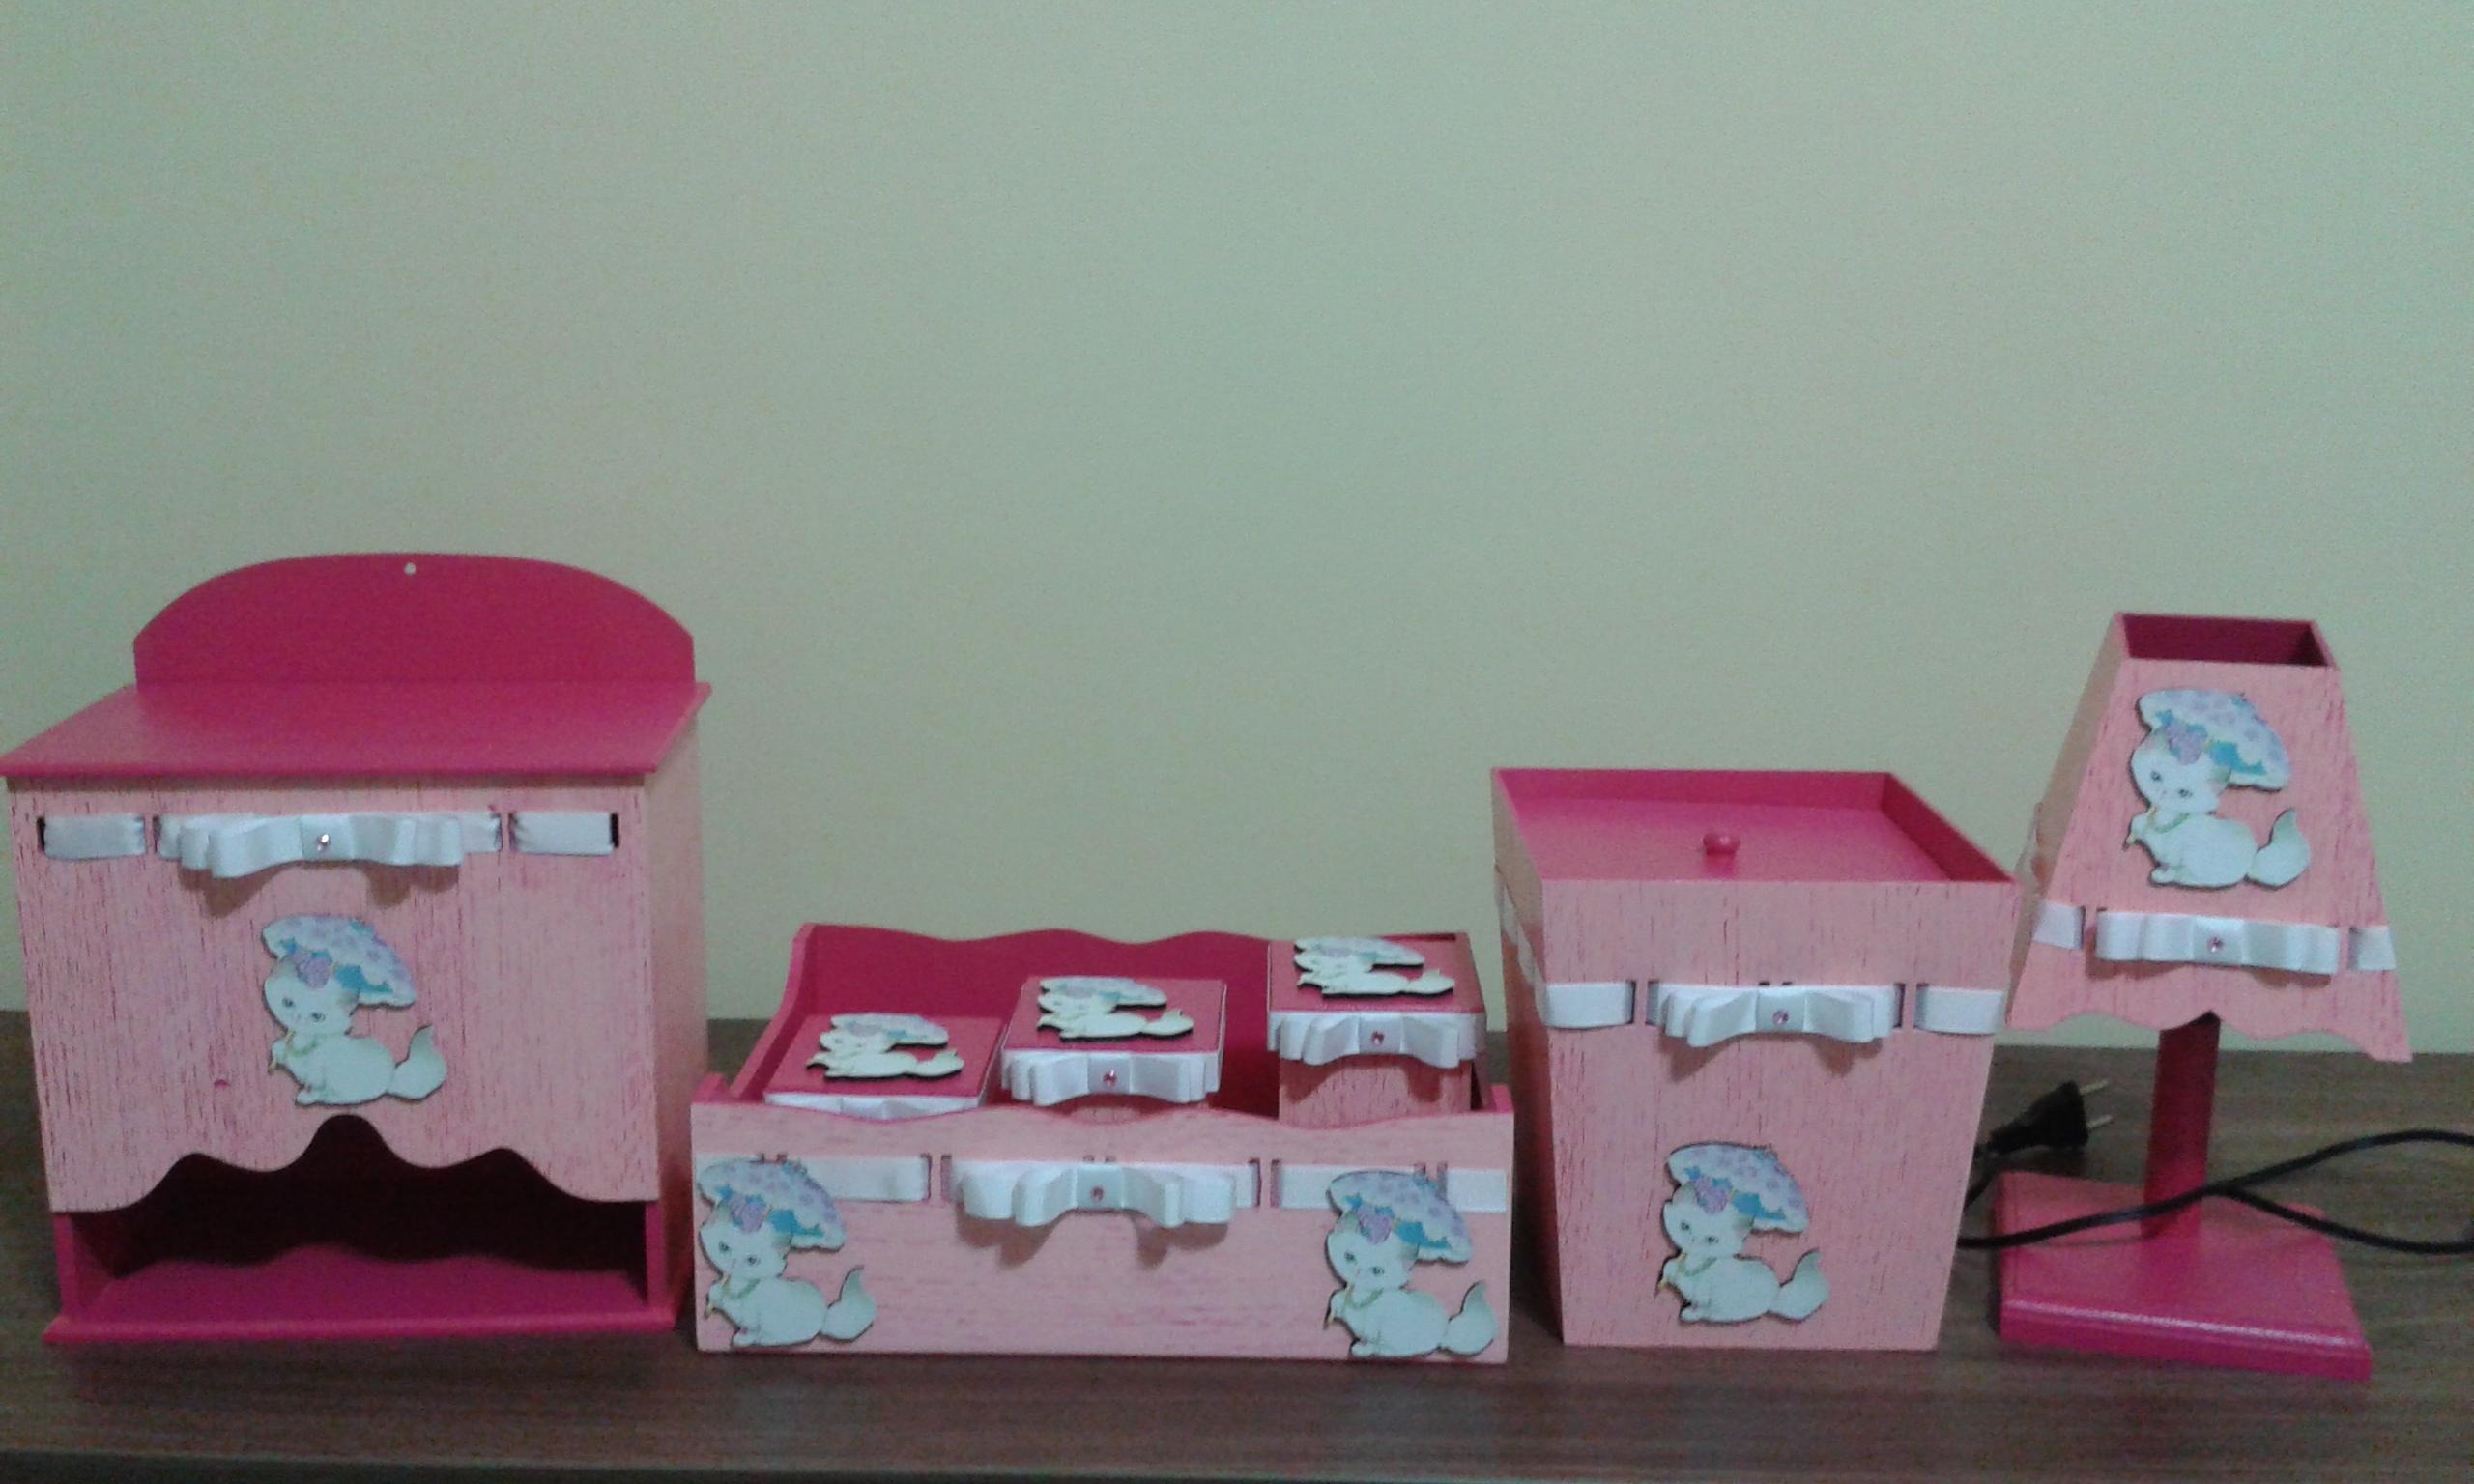 #792844 kit de bebe em mdf elo7 kit de bebe em mdf presentes 2560x1536 px comprar mdf já cortado @ bernauer.info Móveis Antigos Novos E Usados Online